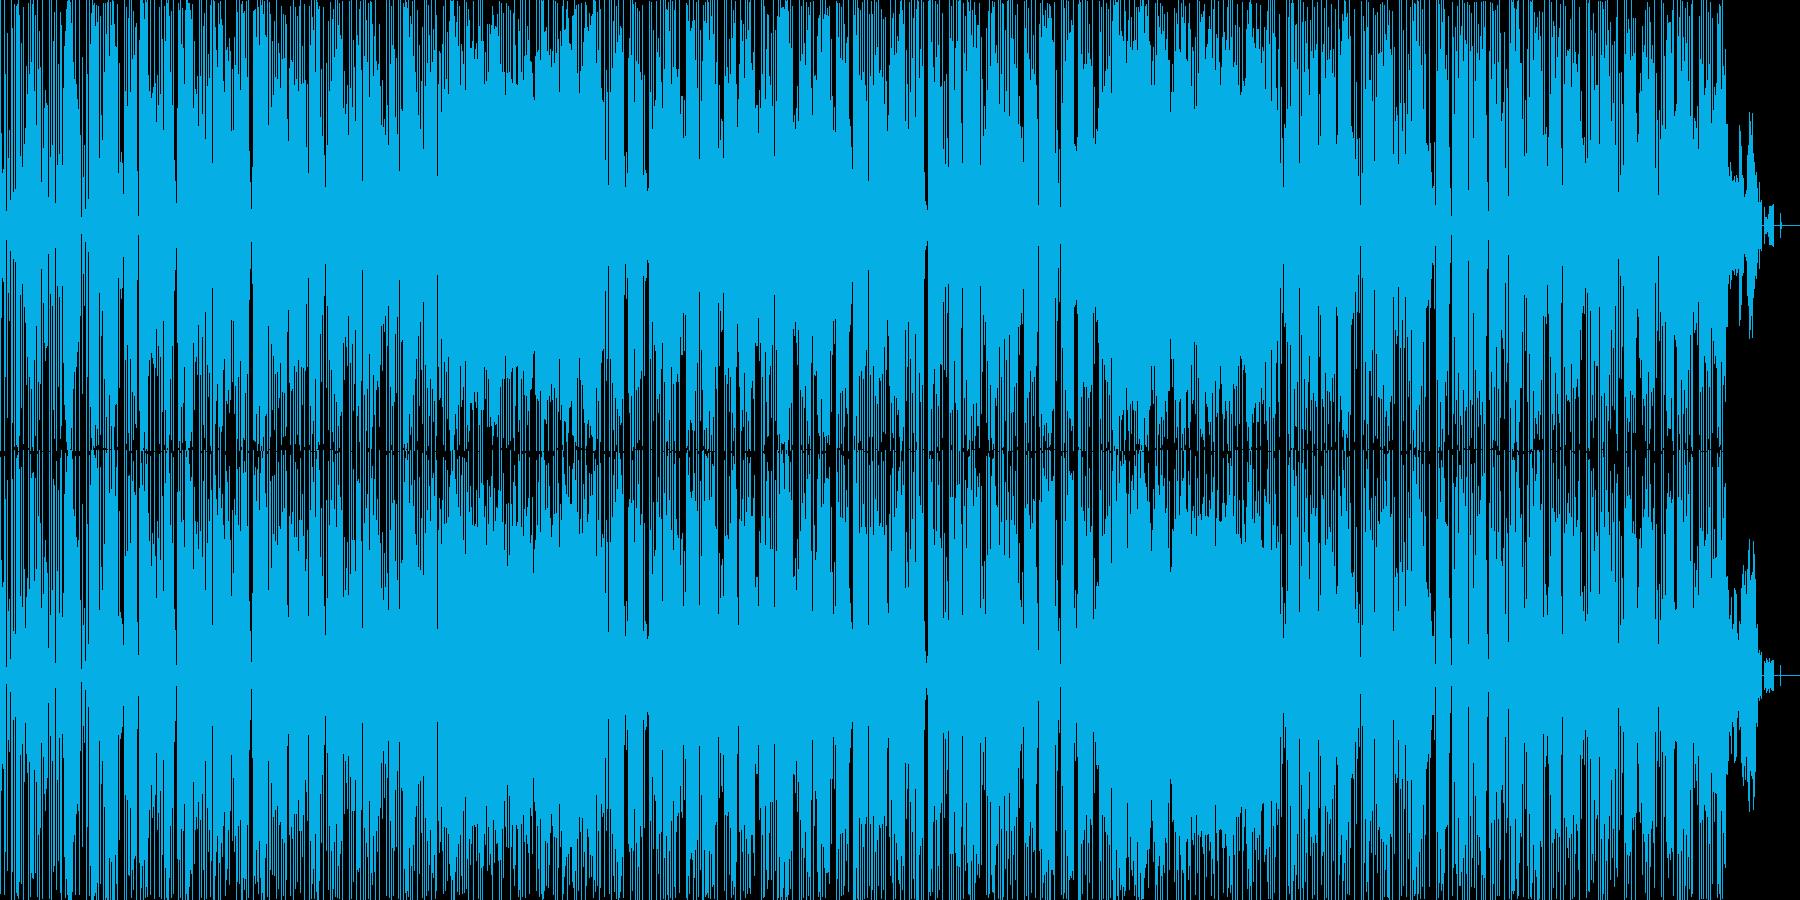 琴メロディによるファンクの再生済みの波形